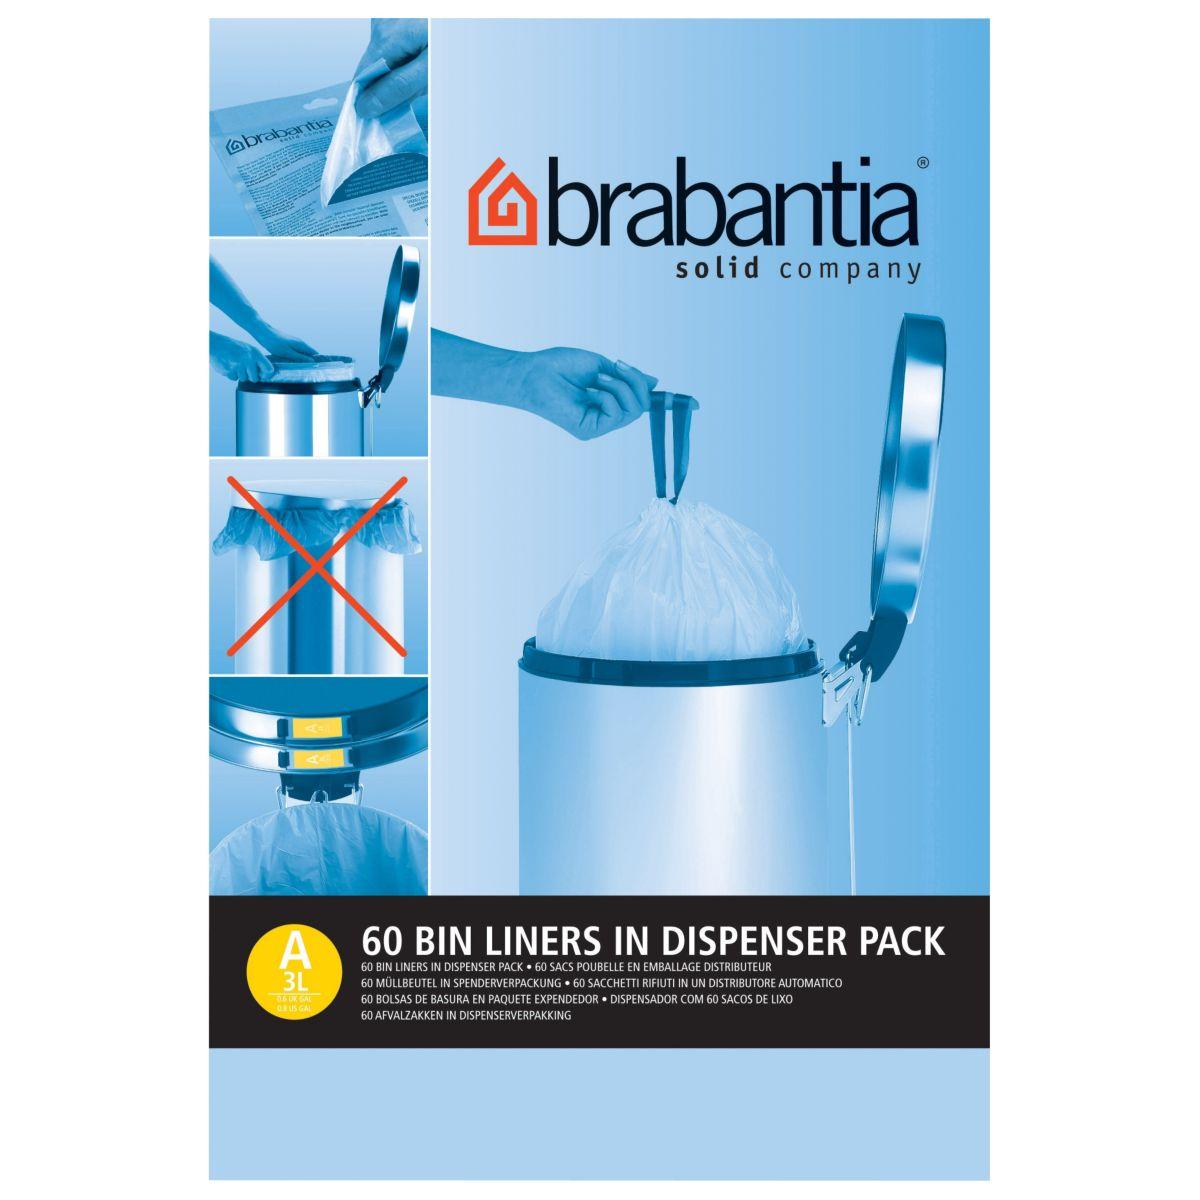 Distributeur BRABANTIA sacs poubelle 3L(60sacs/distributeur)